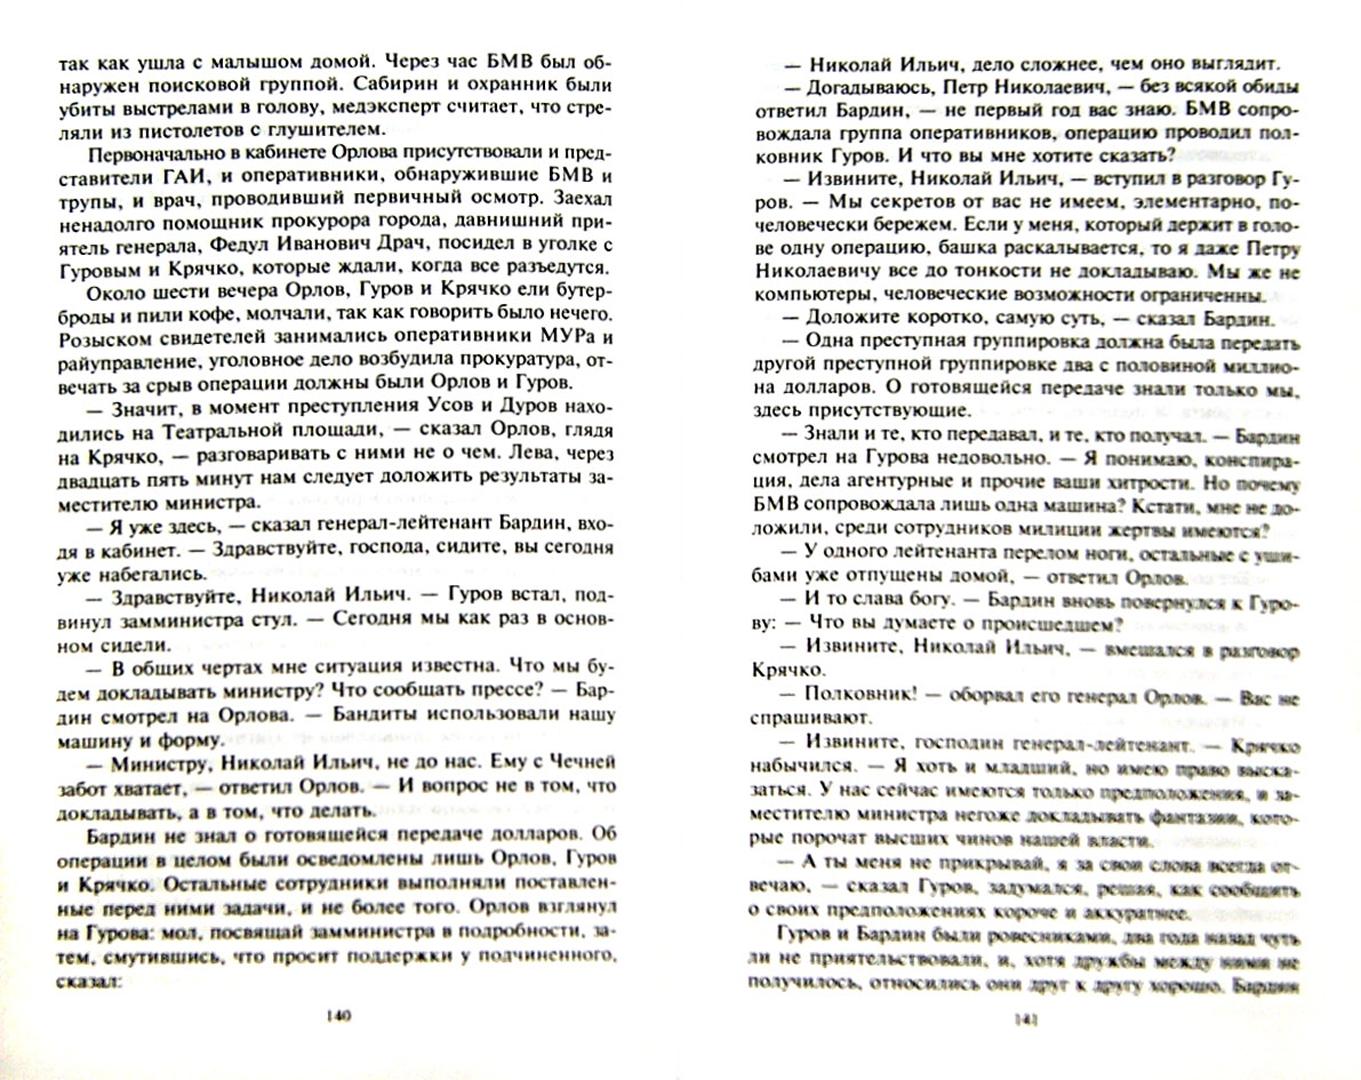 Иллюстрация 1 из 8 для Бросок кобры - Николай Леонов   Лабиринт - книги. Источник: Лабиринт